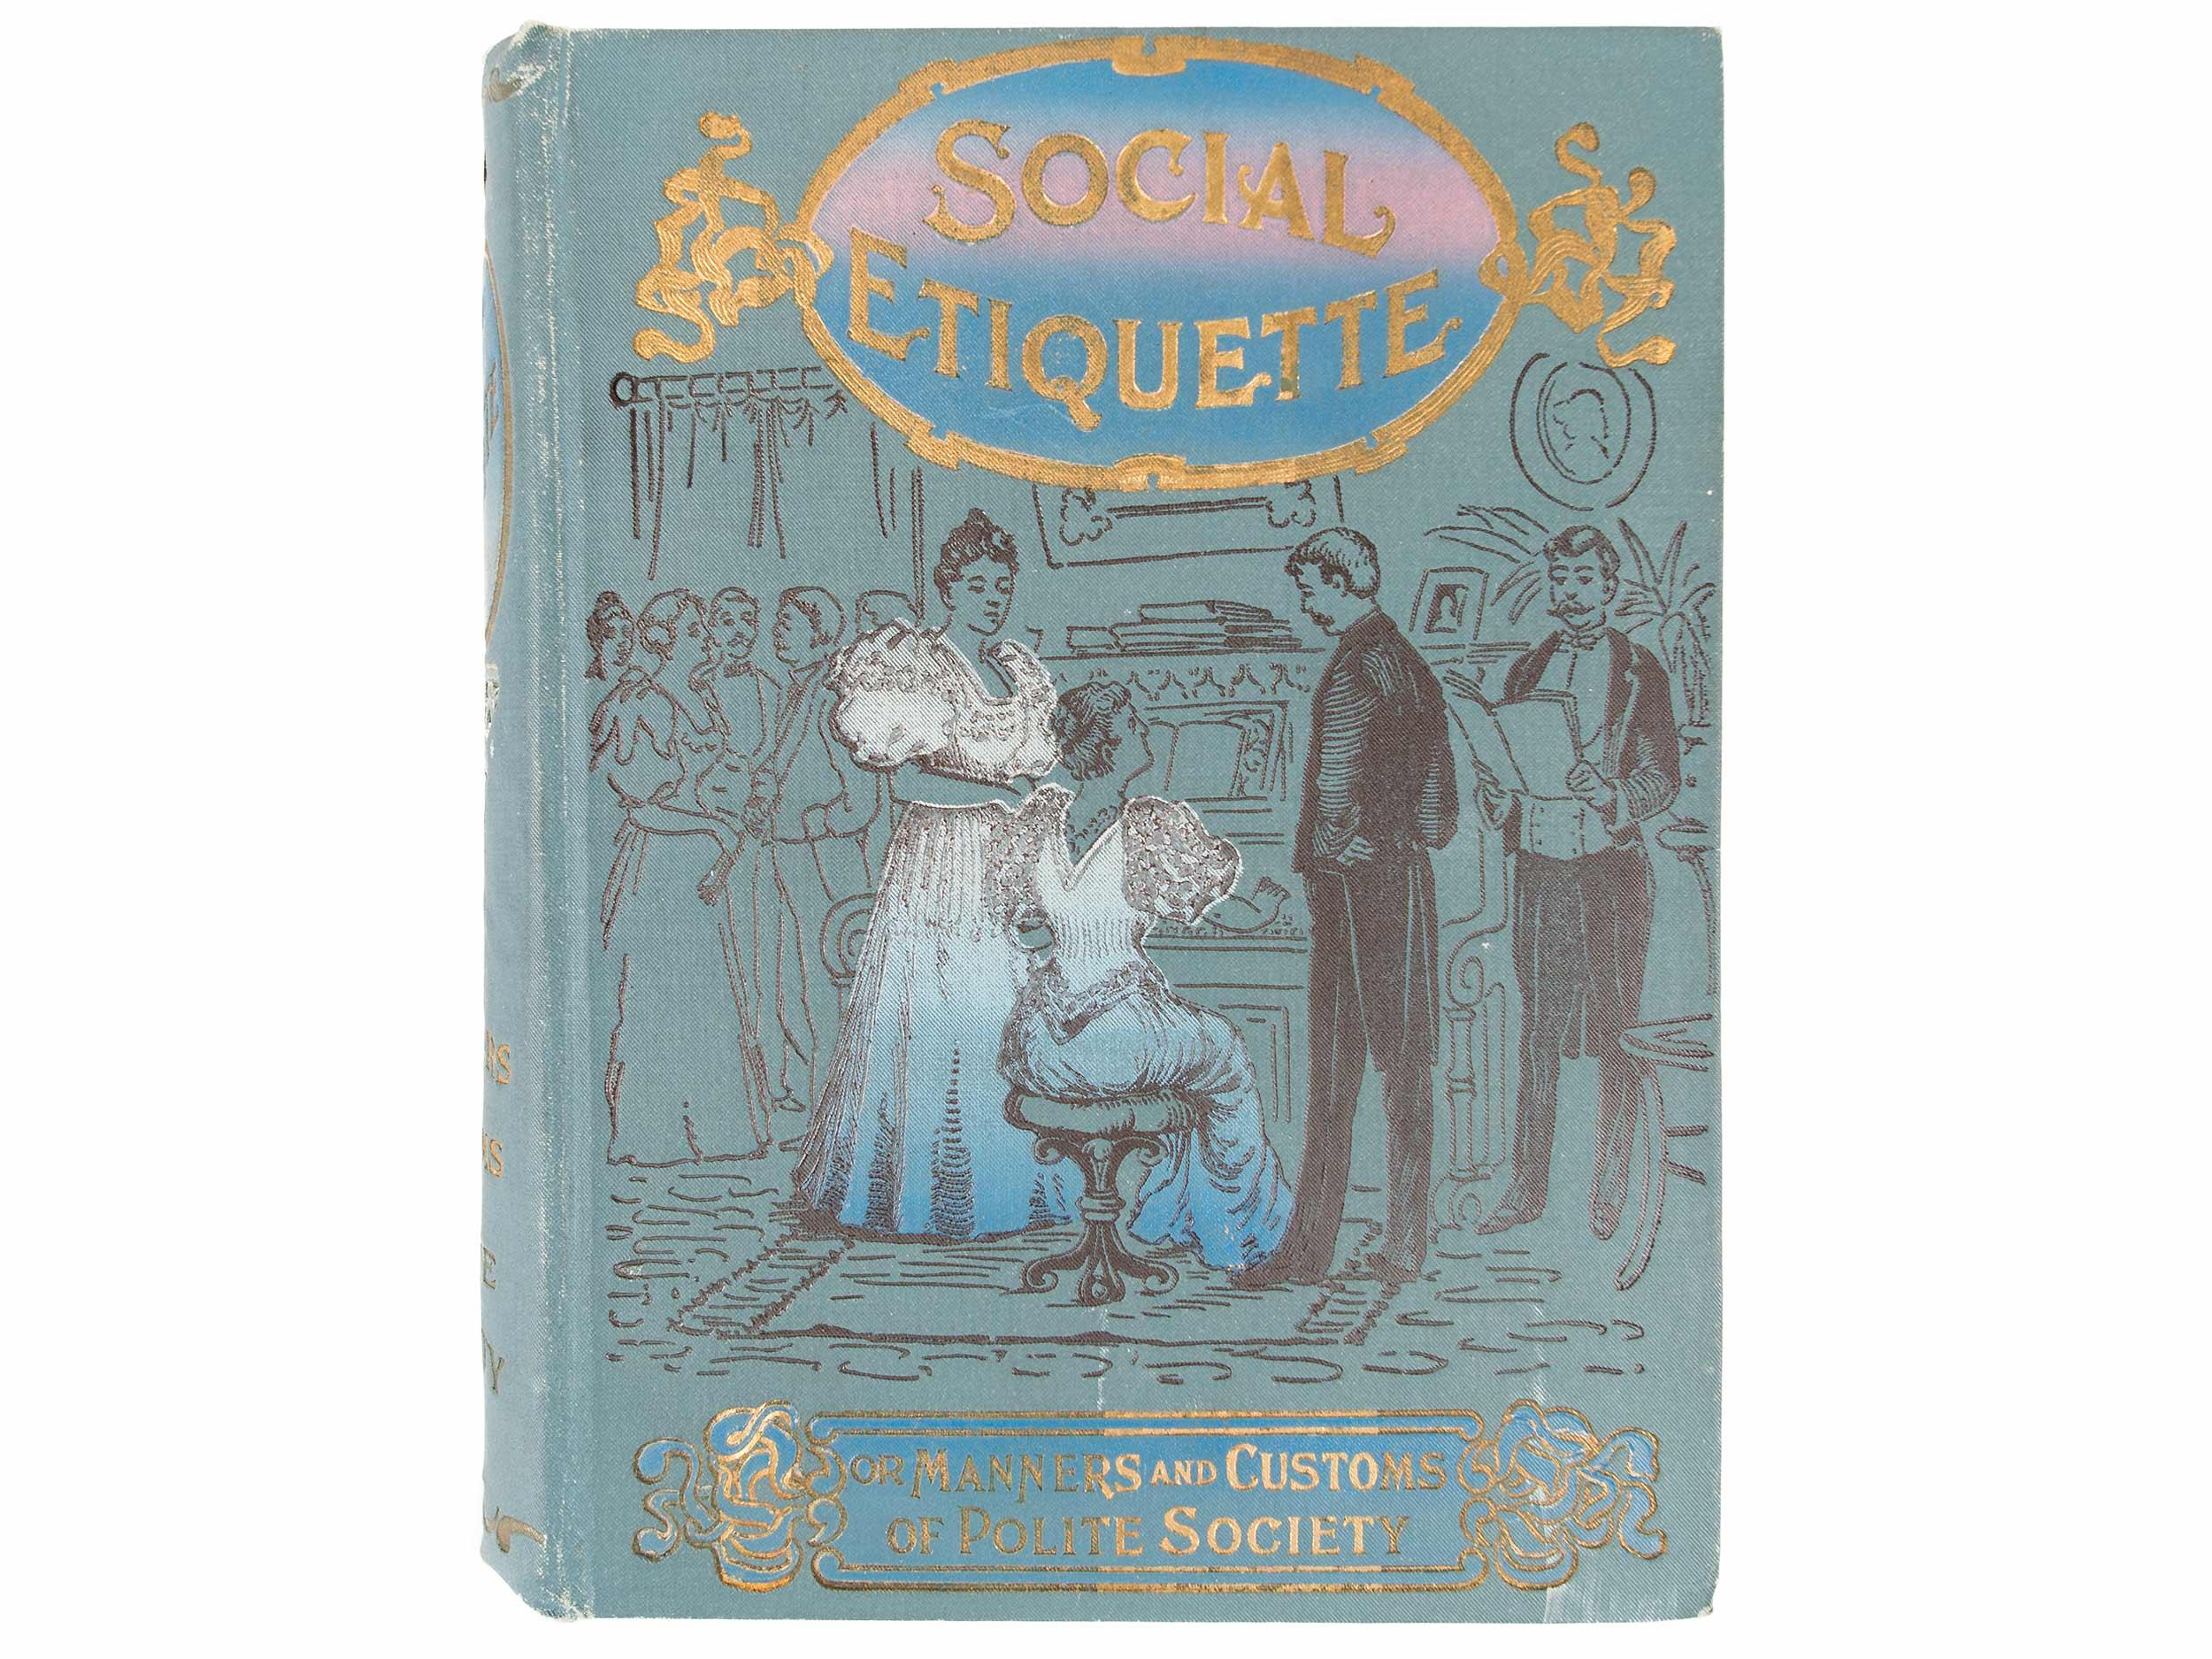 Etiquette book, 1896